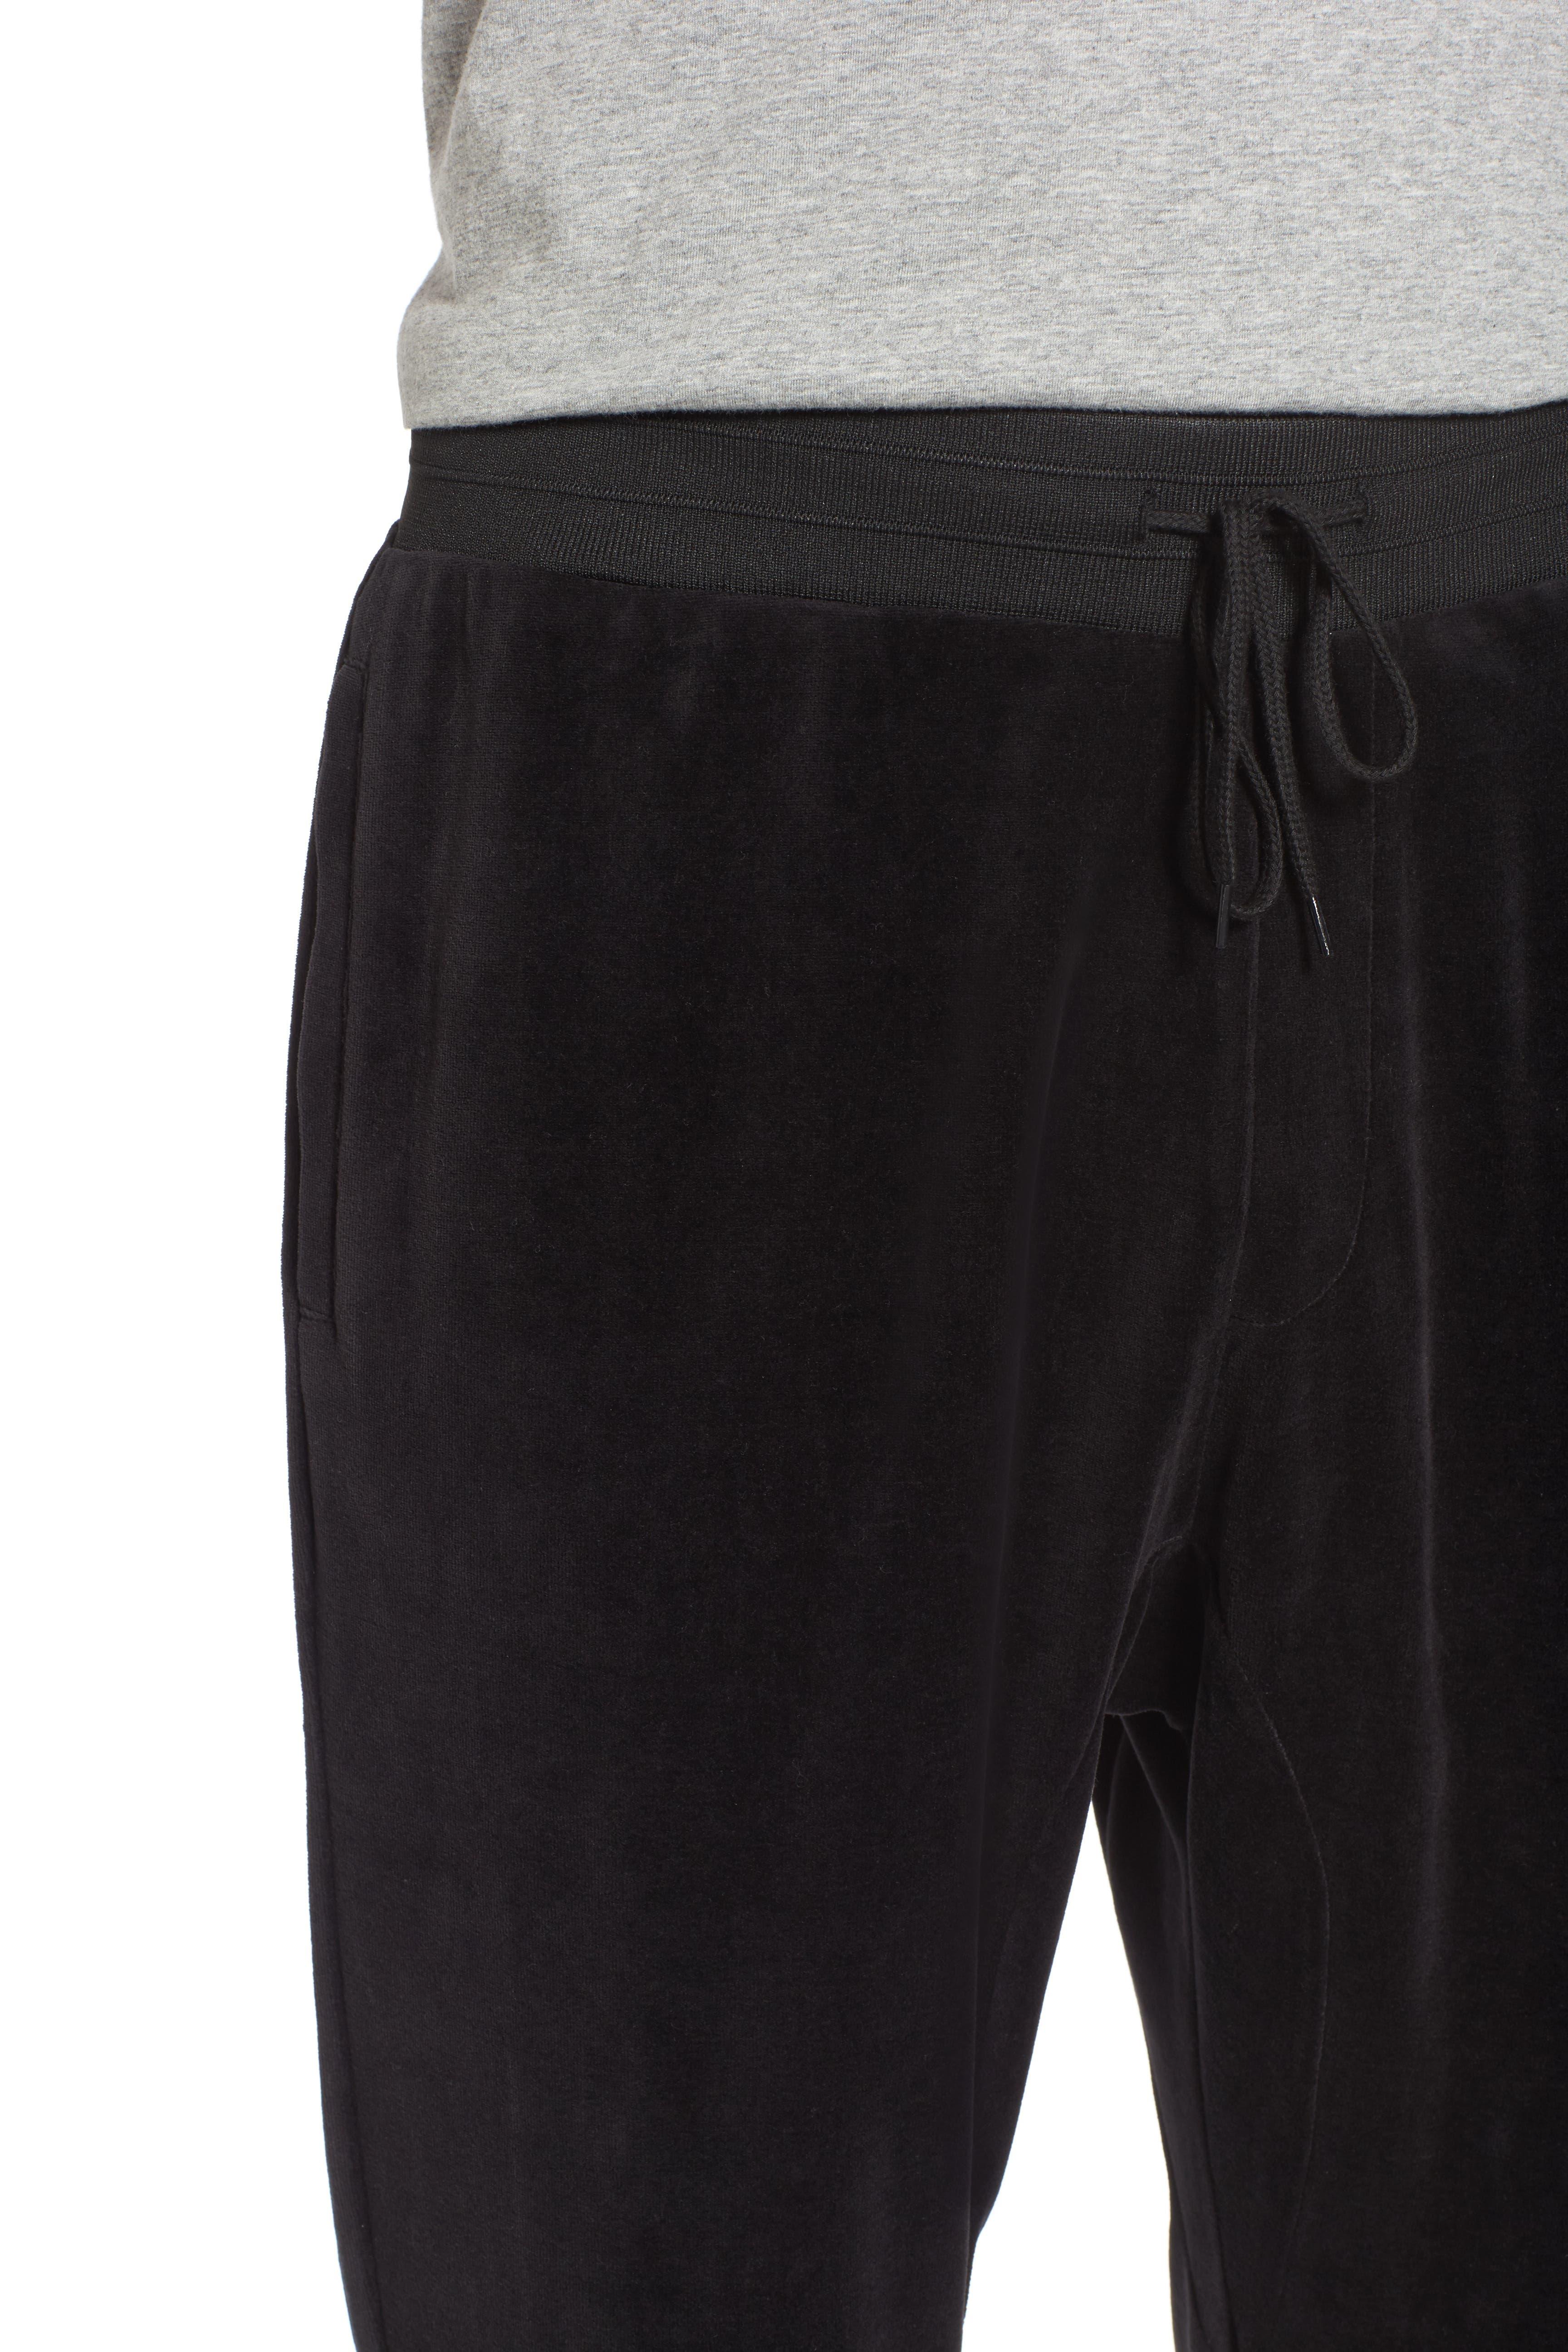 Velour Jogger Pants,                             Alternate thumbnail 4, color,                             Black Rock